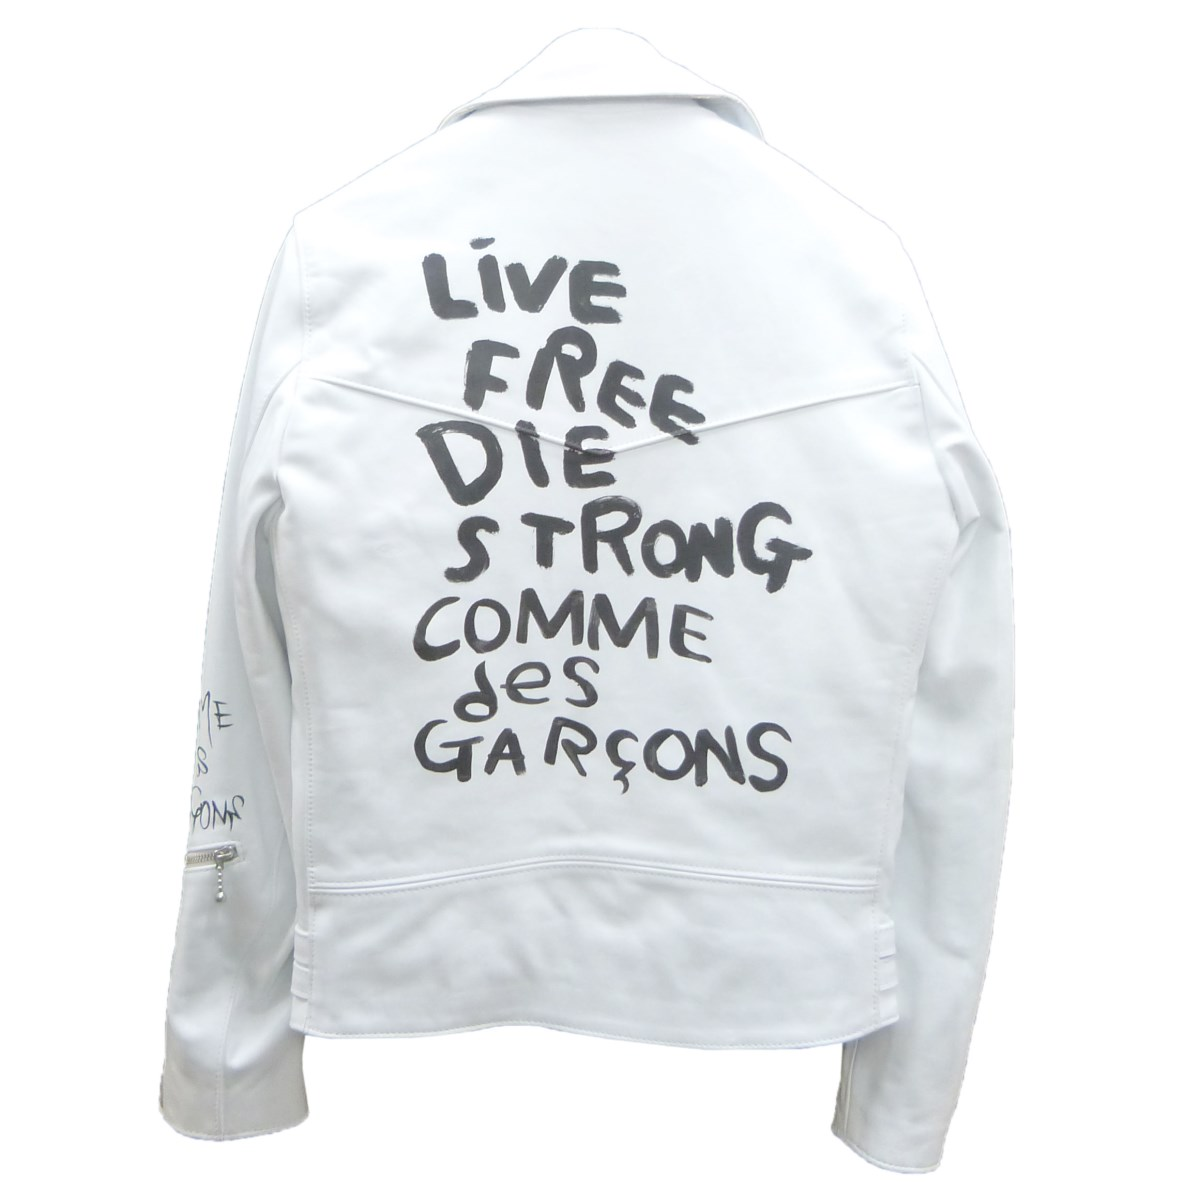 【中古】COMME des GARCONS×Lewis Leathers ホースレザーダブルライダースジャケット ホワイト サイズ:36 【060220】(コムデギャルソン×ルイスレザー)